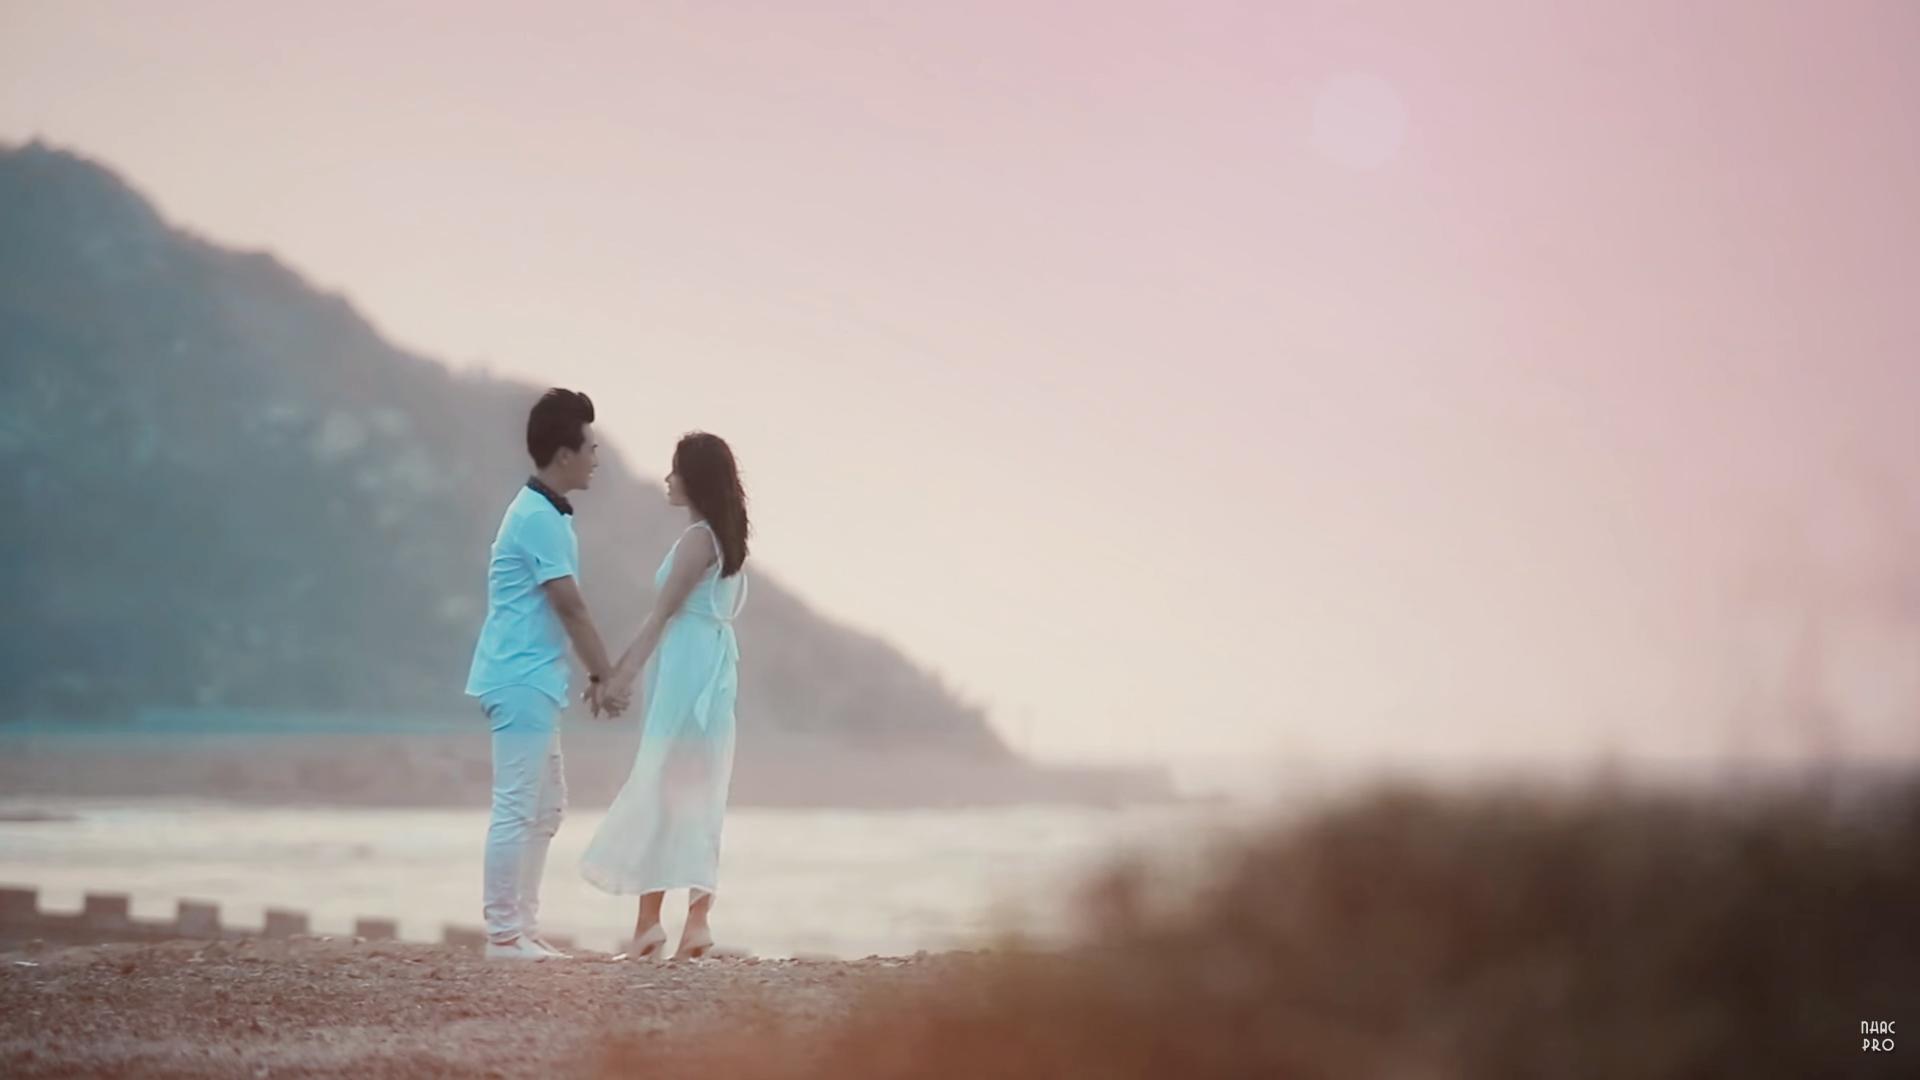 Hồ Quốc Việt tỏ tình với bạn gái mất trí nhớ suốt 5 năm 2